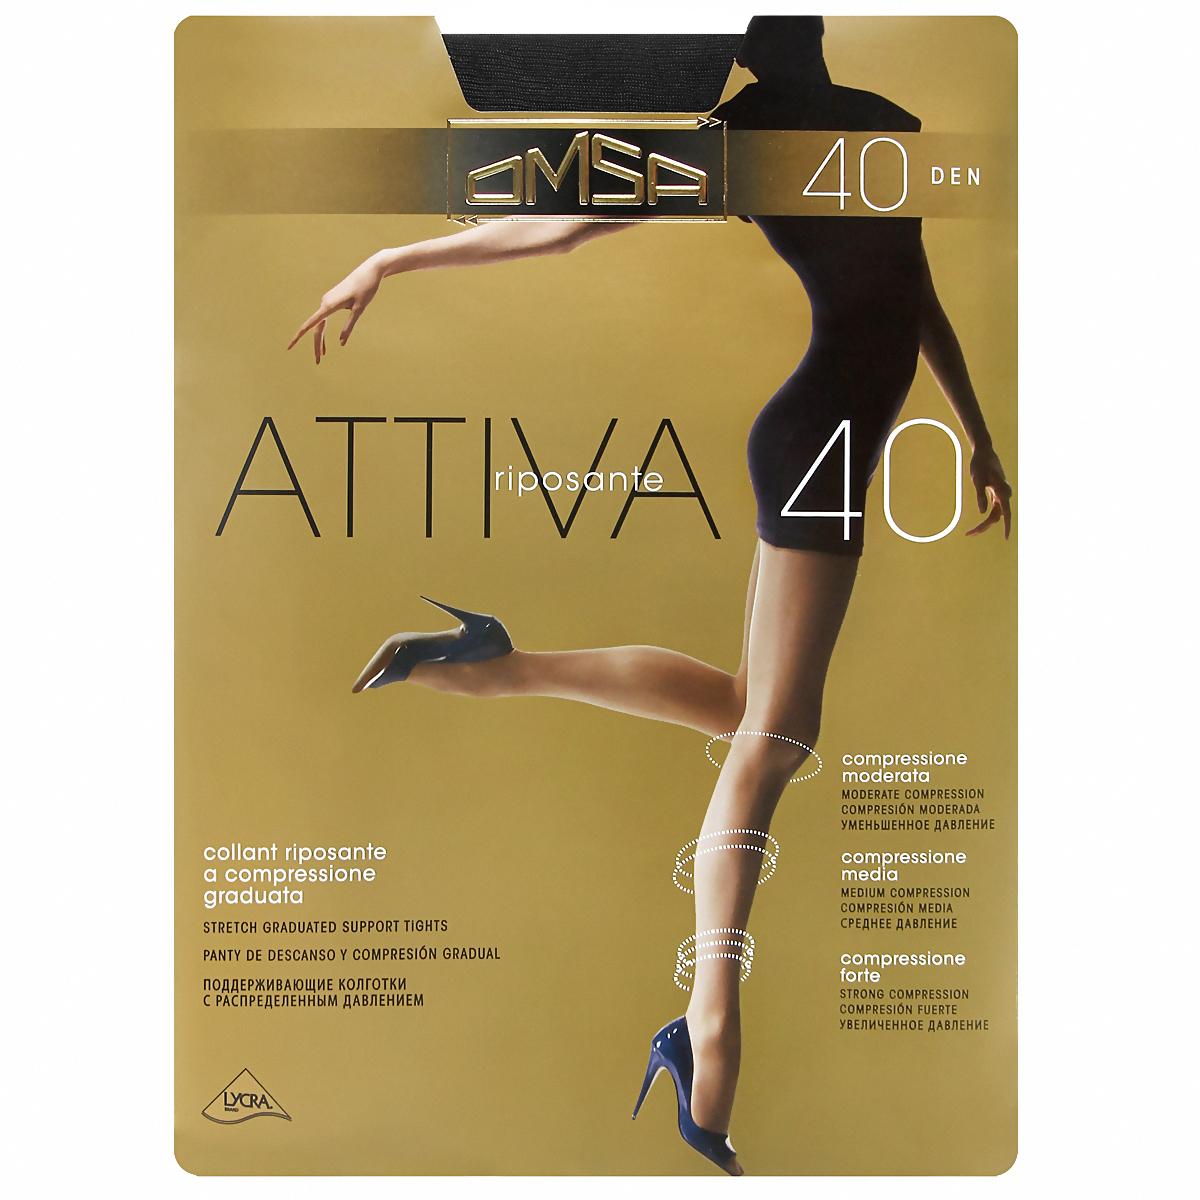 Колготки Attiva 40Attiva 40_BiancoКолготки шелковистые, с торсом в виде трусиков. Поддерживающий эффект с распределяемым давлением. Плоские швы. Ластовица. Сформированная ступня. Плотность: 40 ден.